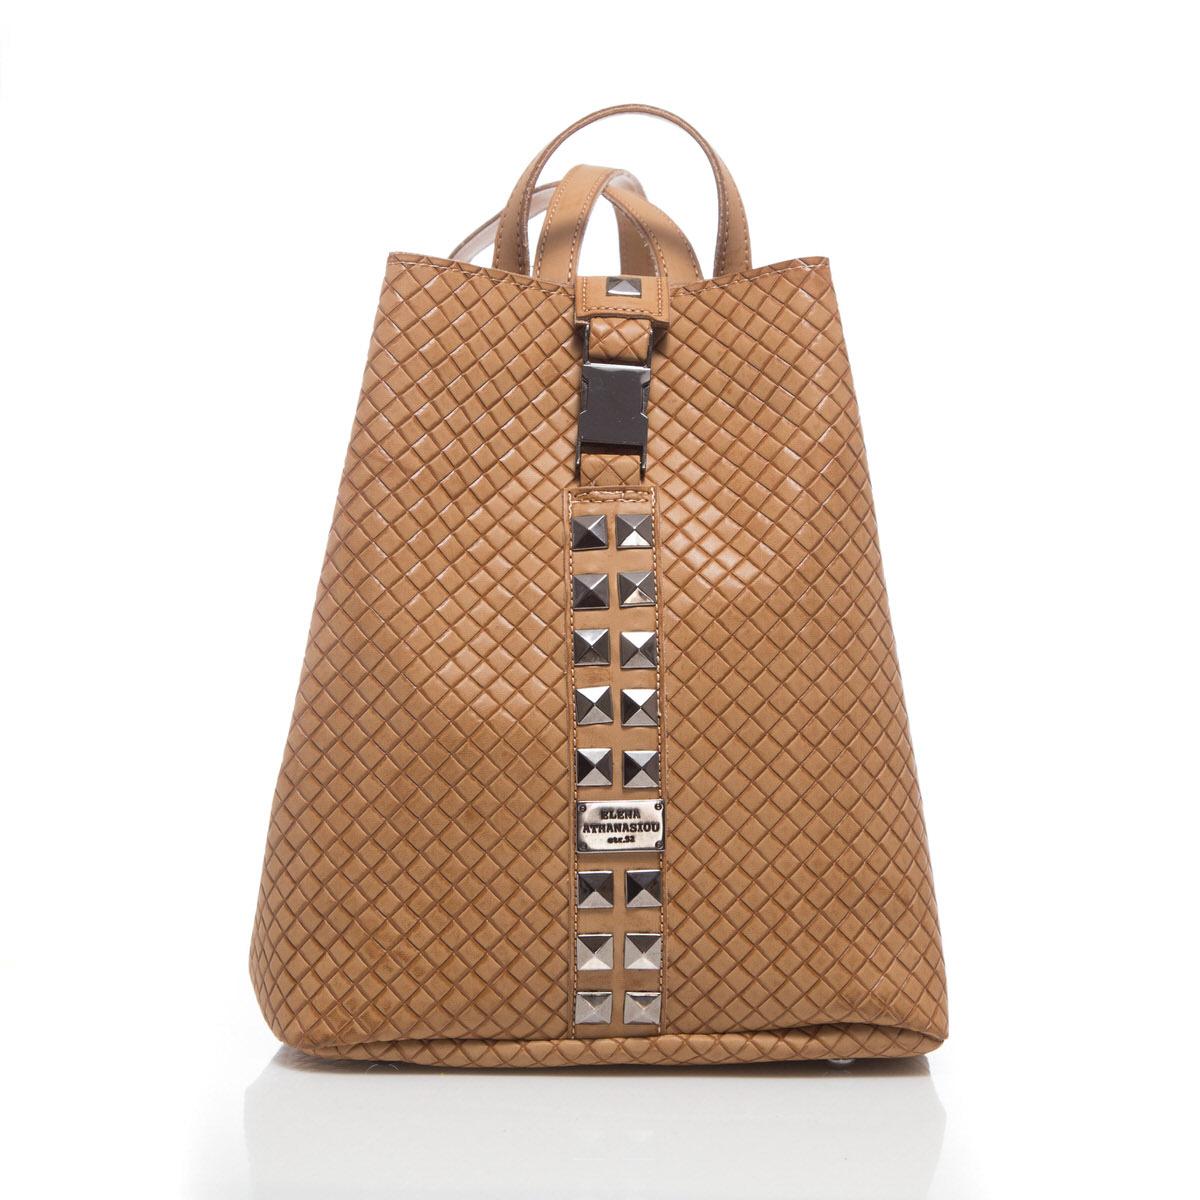 cc5e8702de Boho Backpack Vachetta